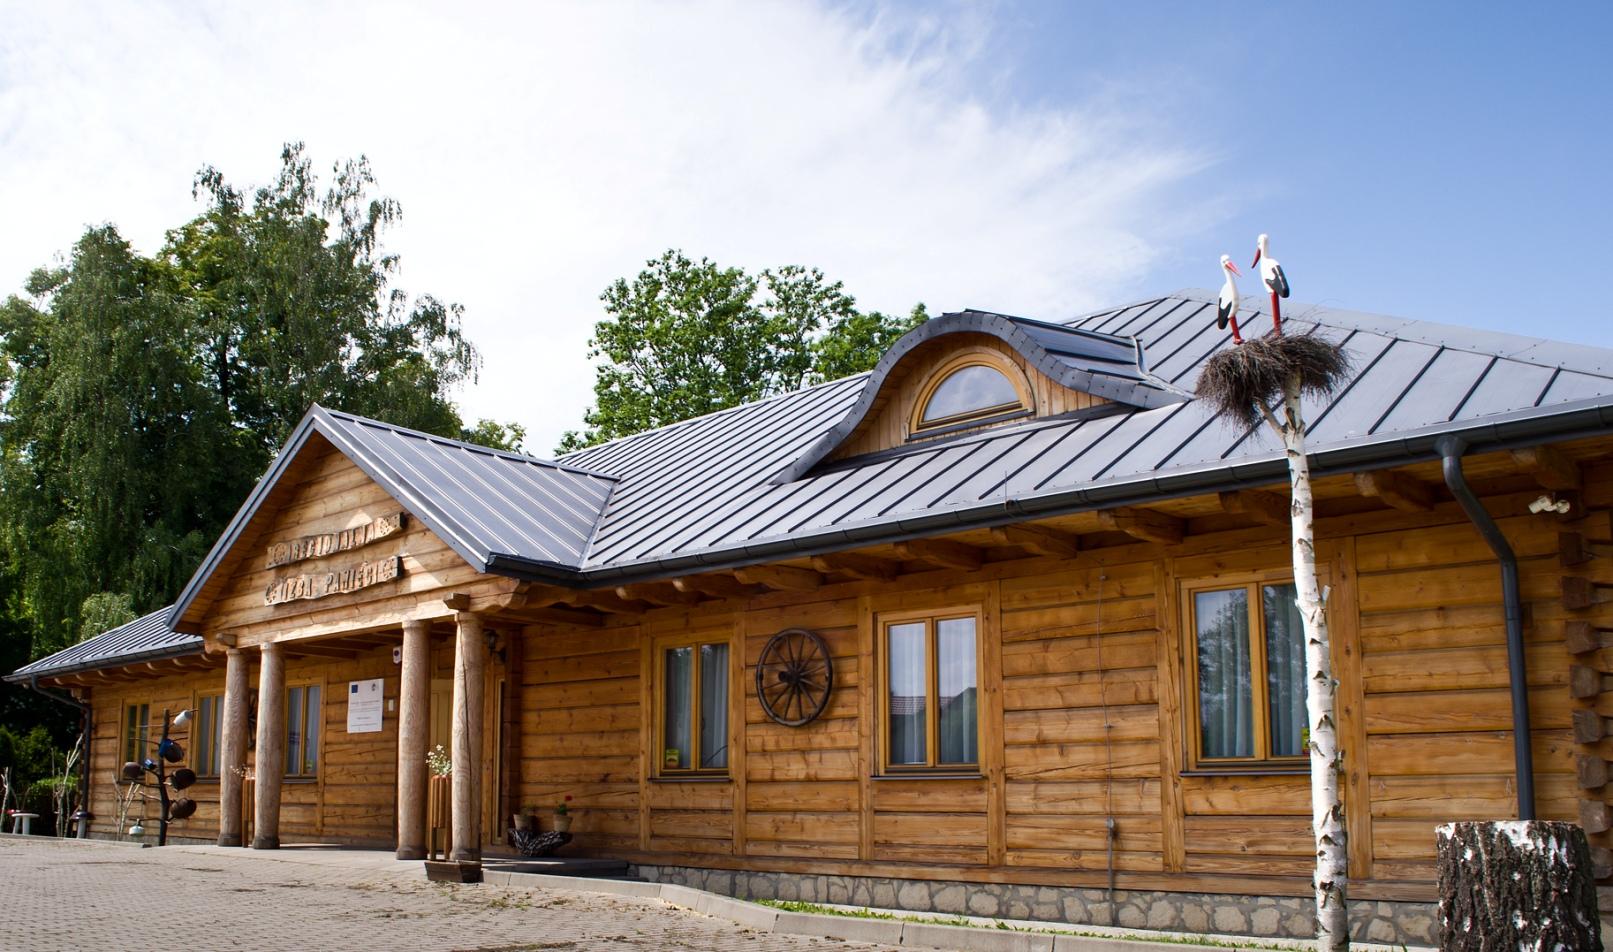 regionalna izba pamieci wysokie Regionalna Izba Pamięci w Wysokiem pod Zamościem znów otwarta dla zwiedzających